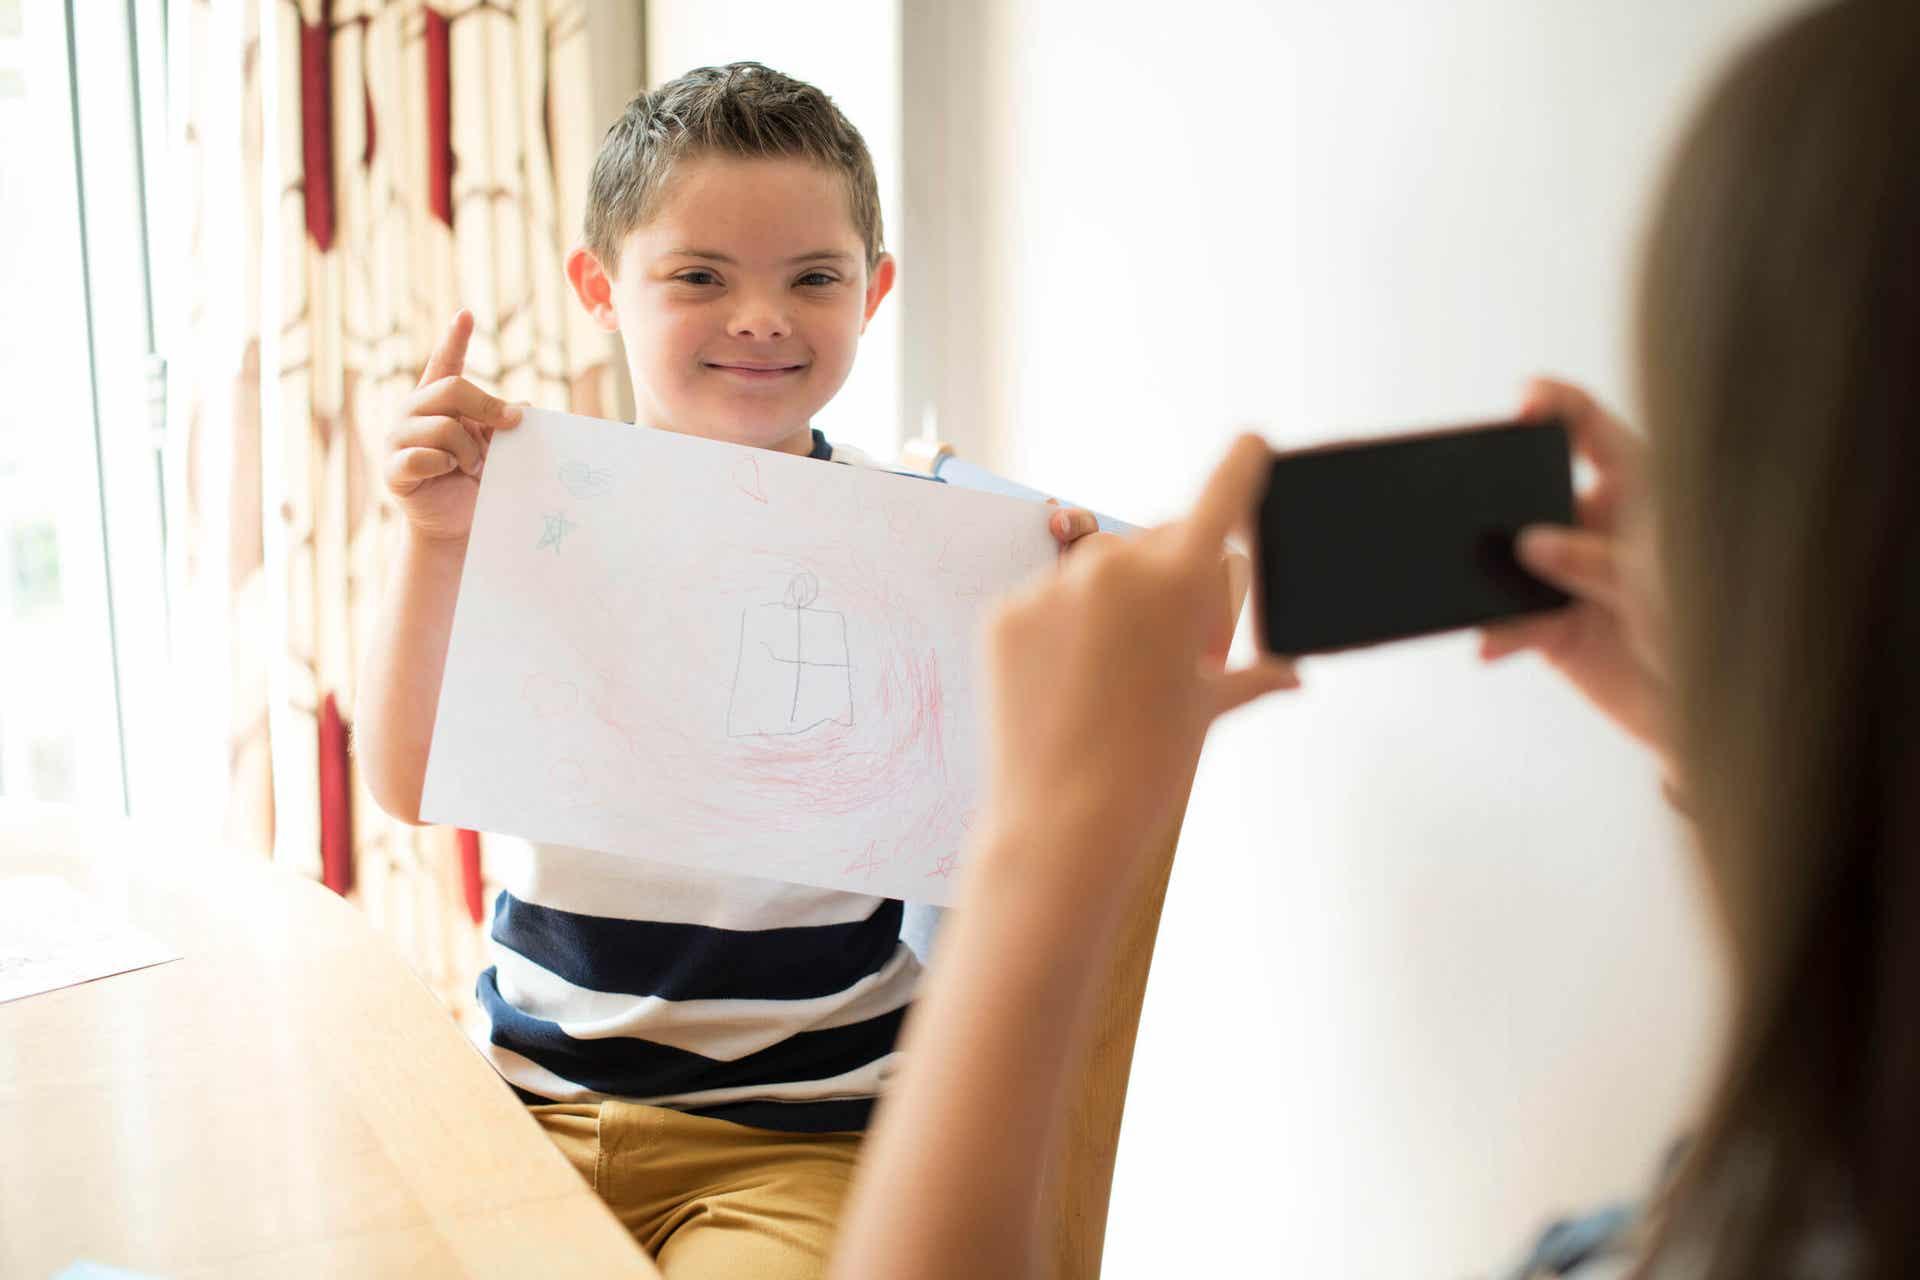 Menino mostrando seu desenho